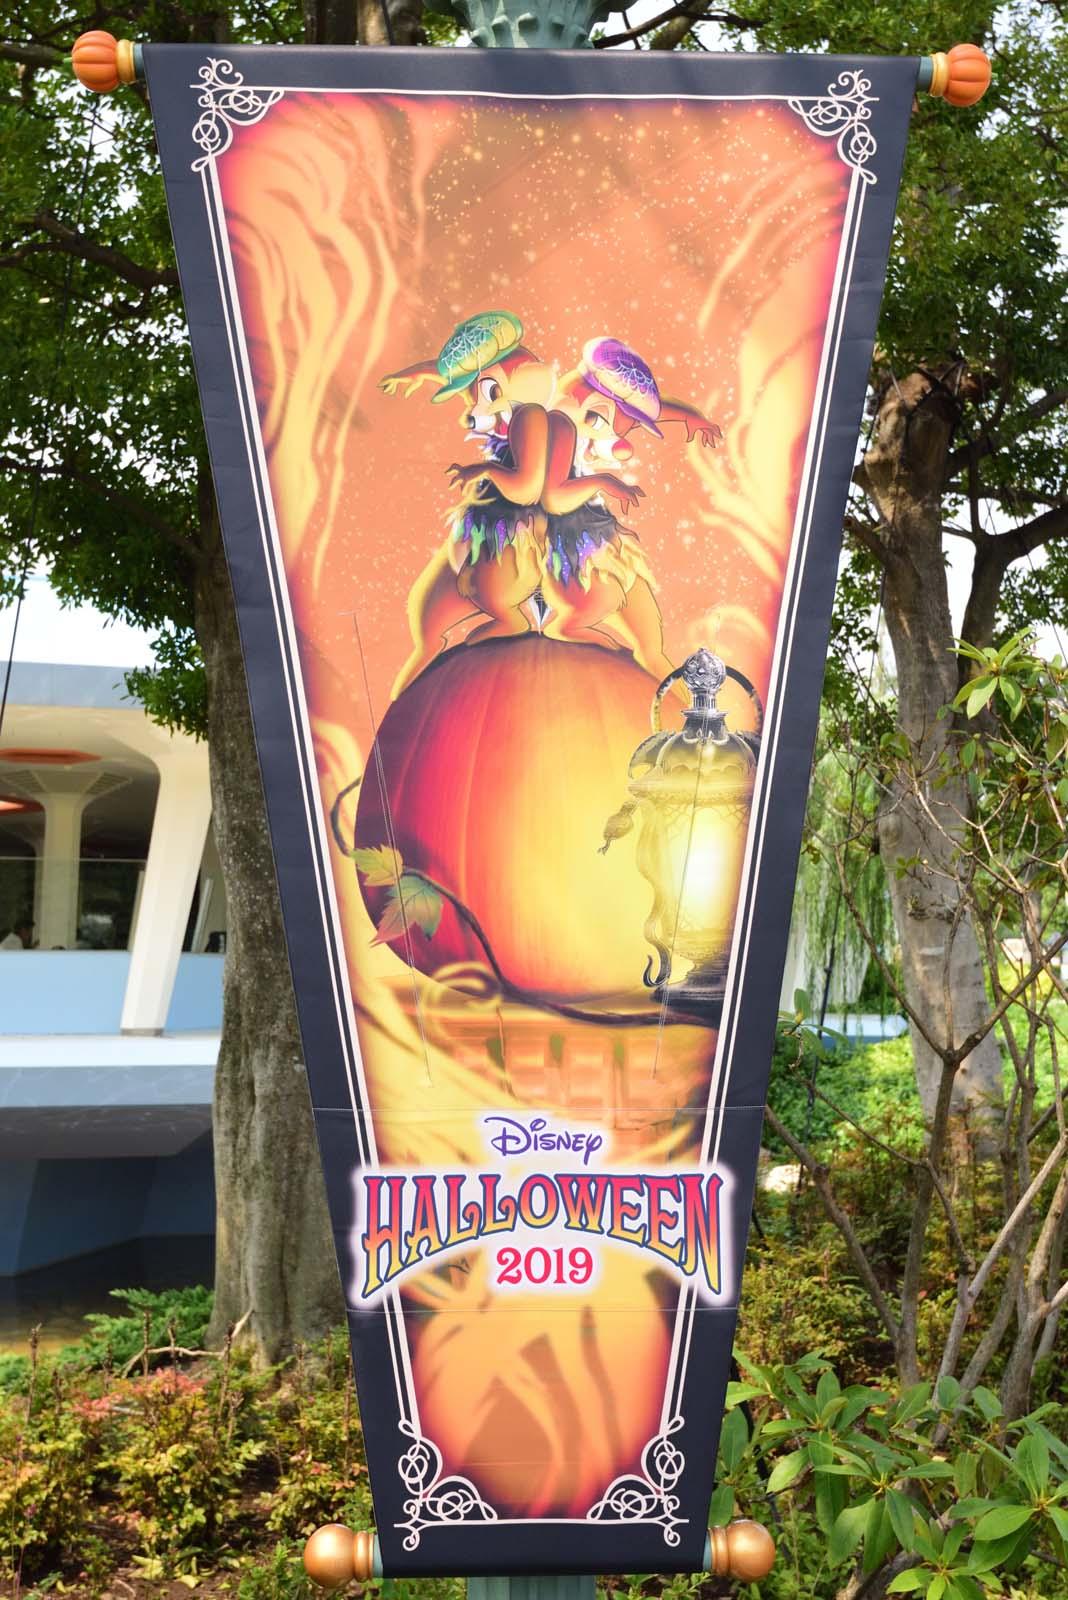 ディズニー・ハロウィーン2019 プラザ バナー